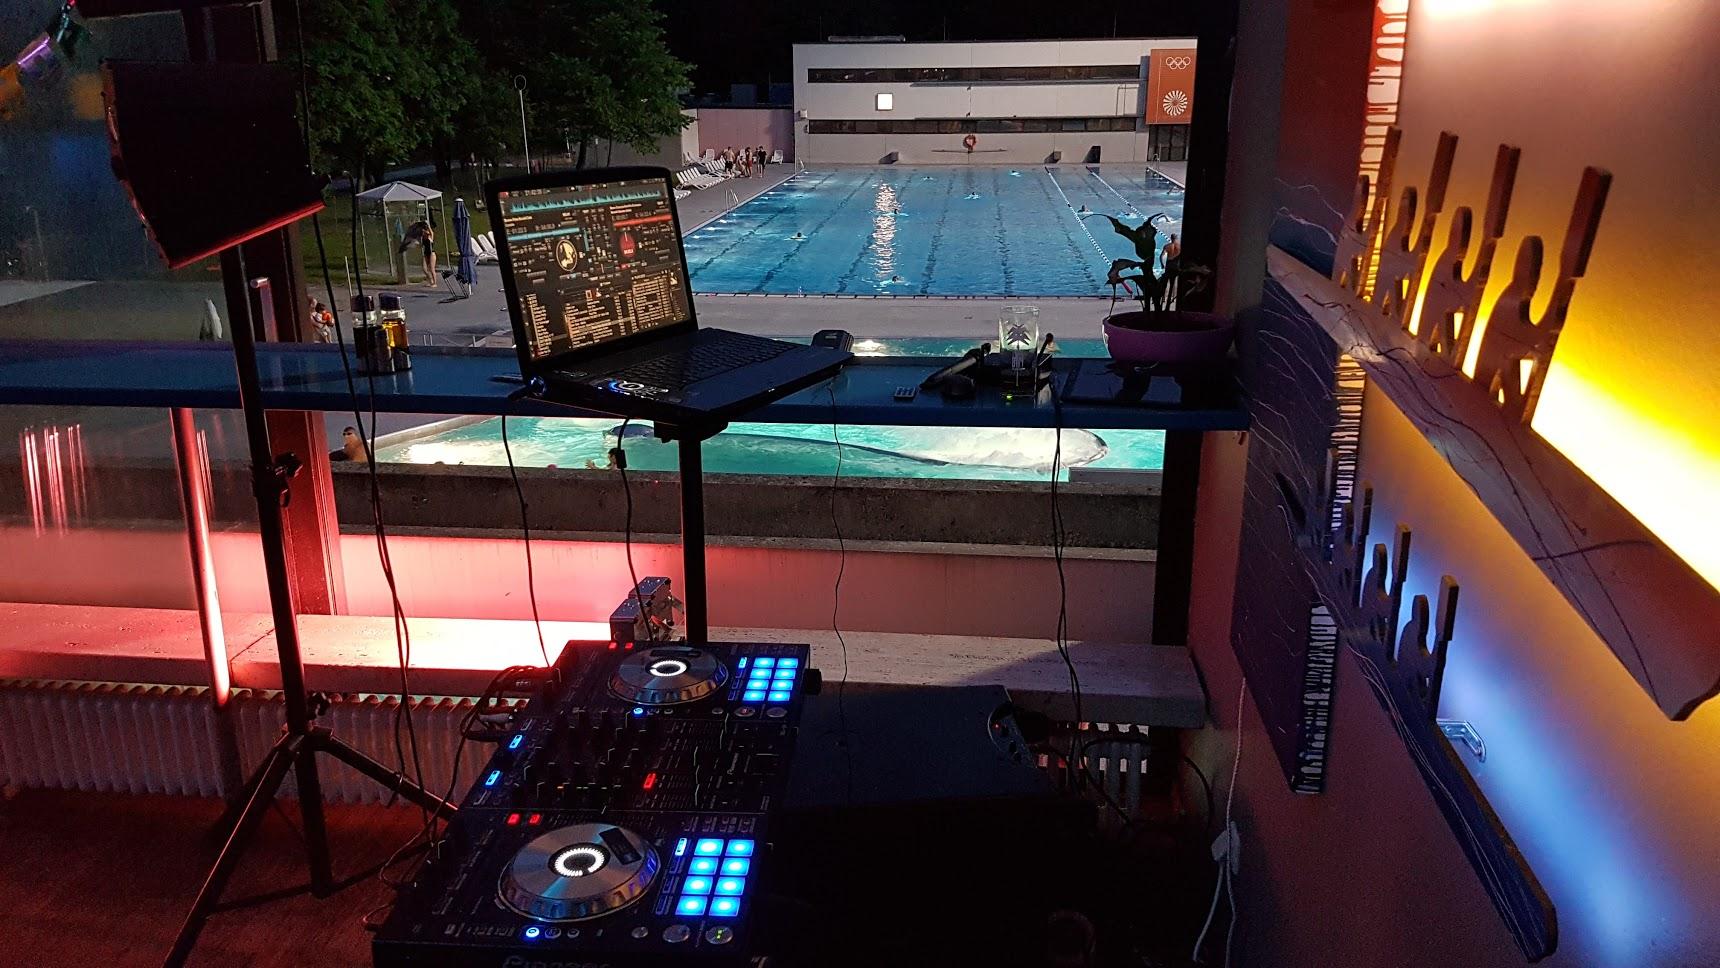 Party am Schwimmbad - ein Geheimtipp